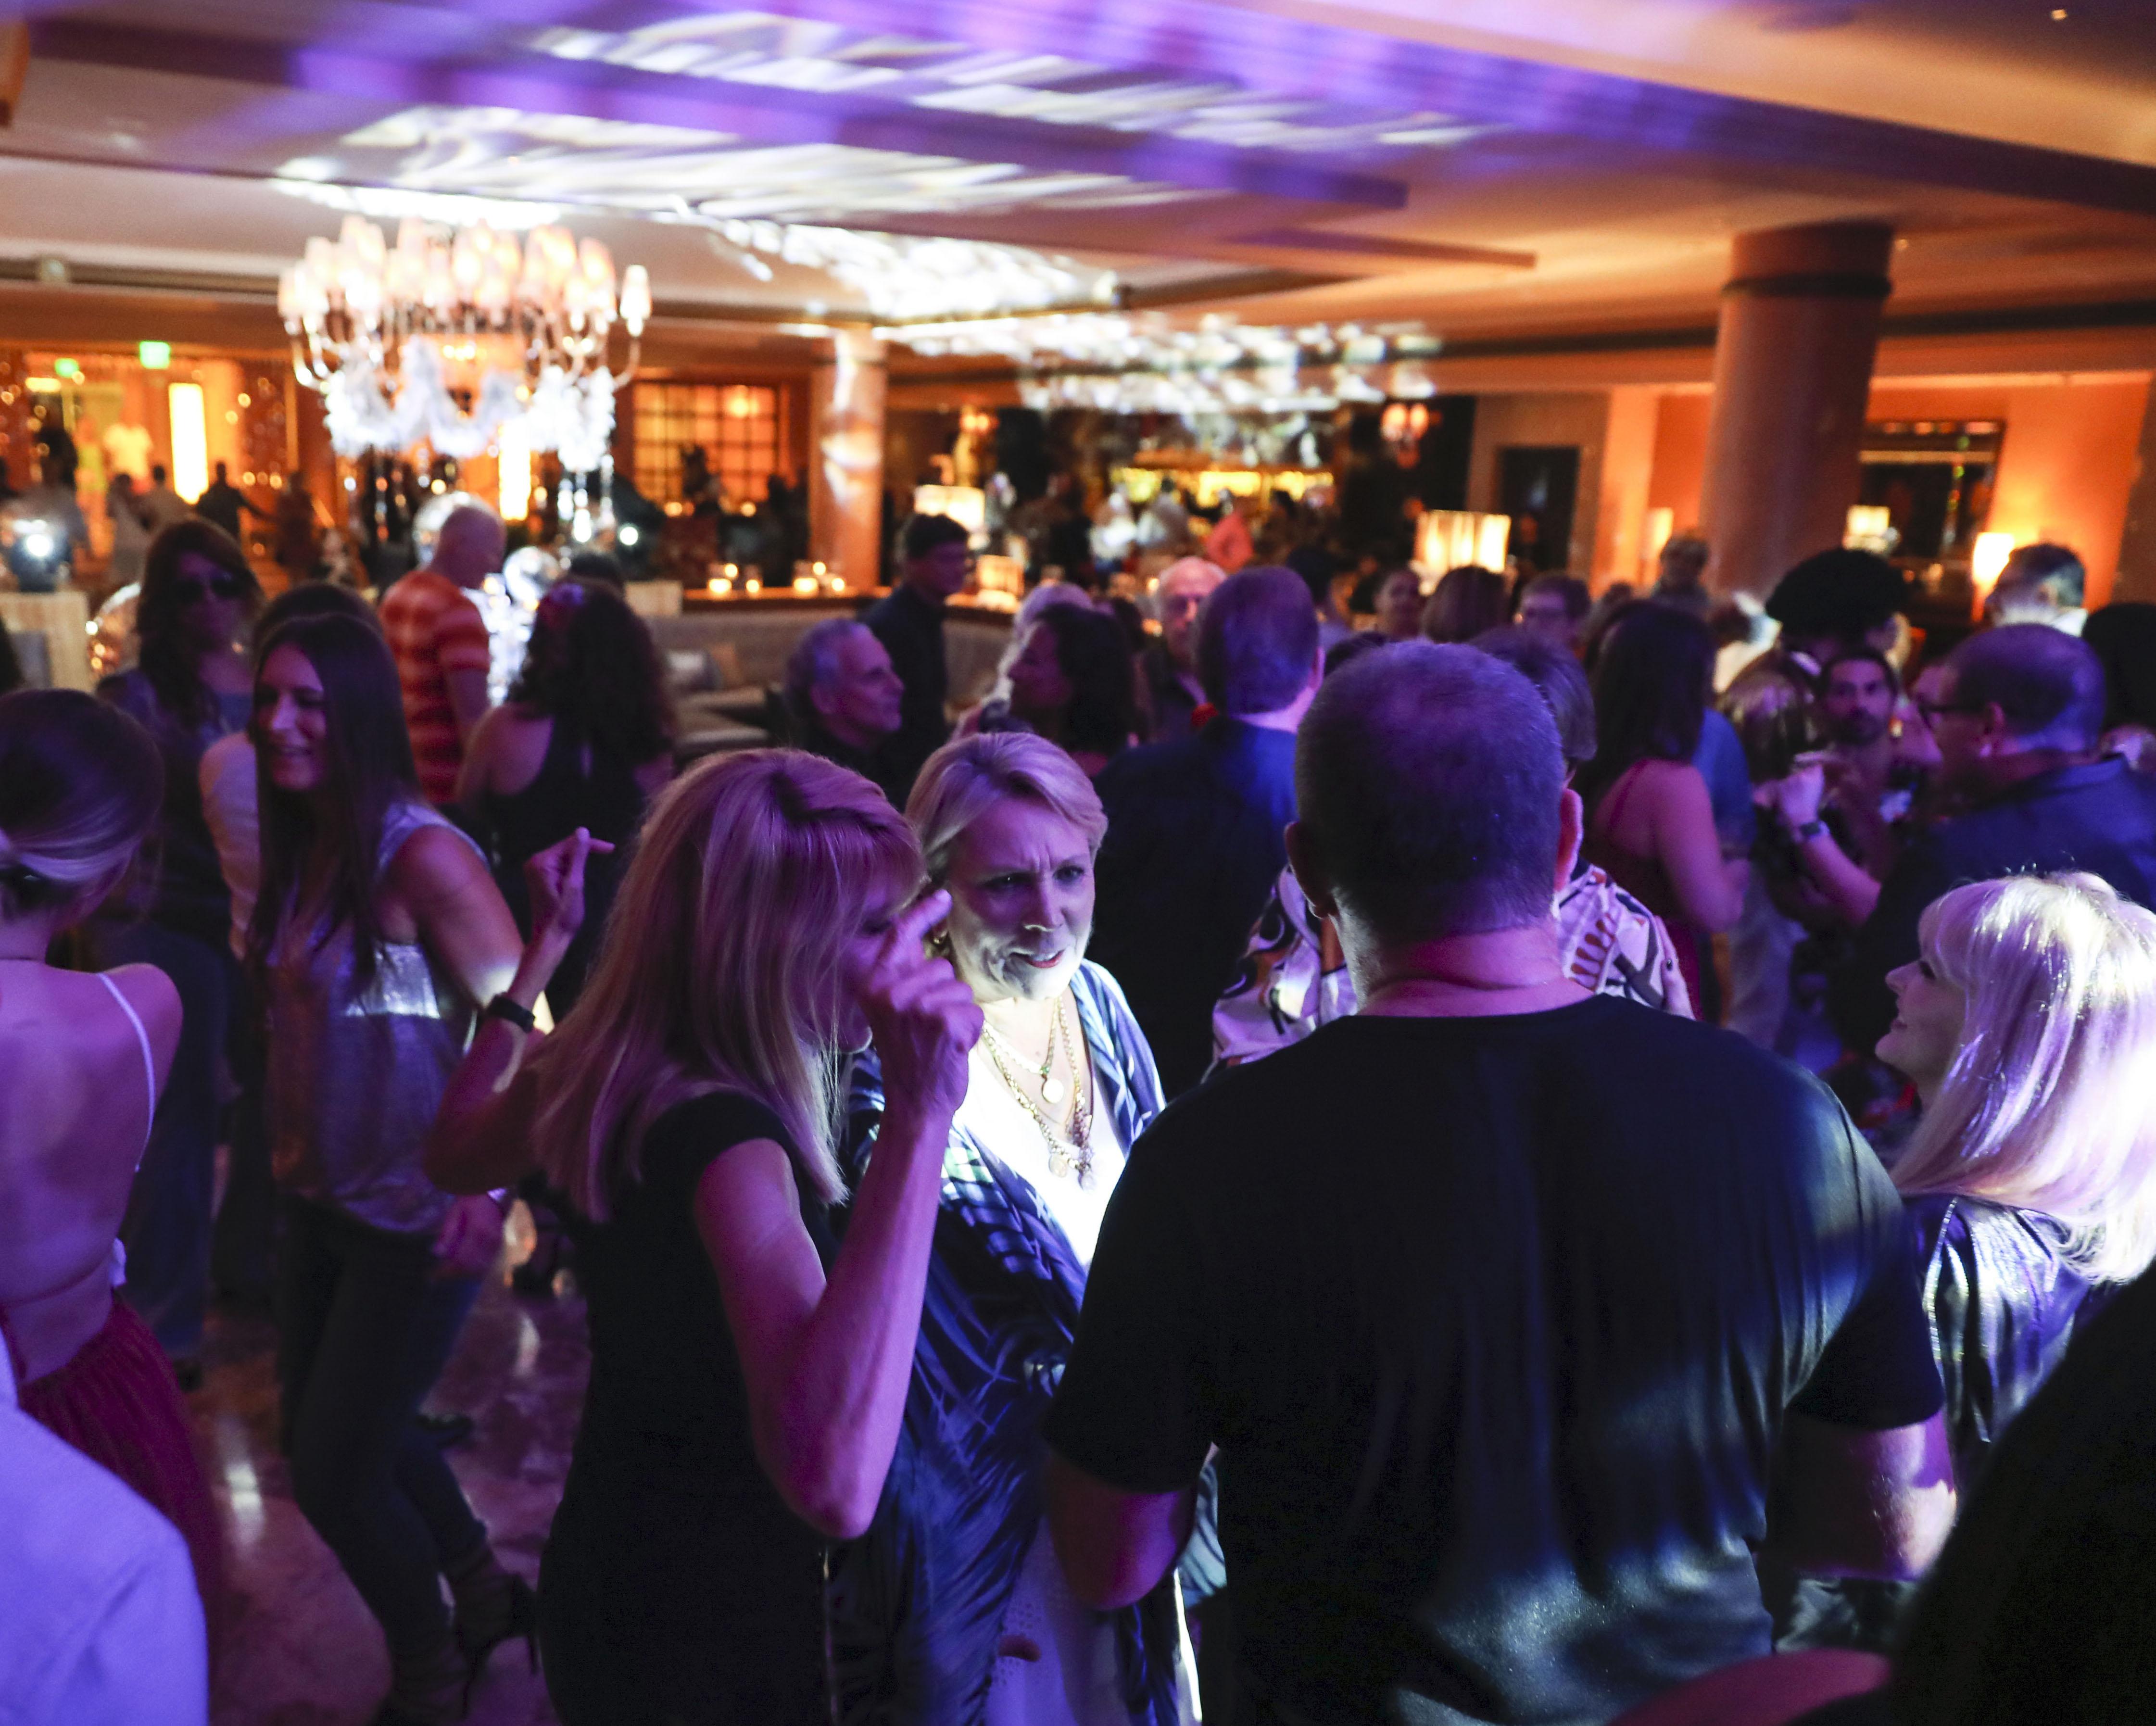 La fiesta estuvo inspirada en la glamorosa y mítica escena del club Studio 54 en Nueva York durante la década del 1970. (Suministrada)